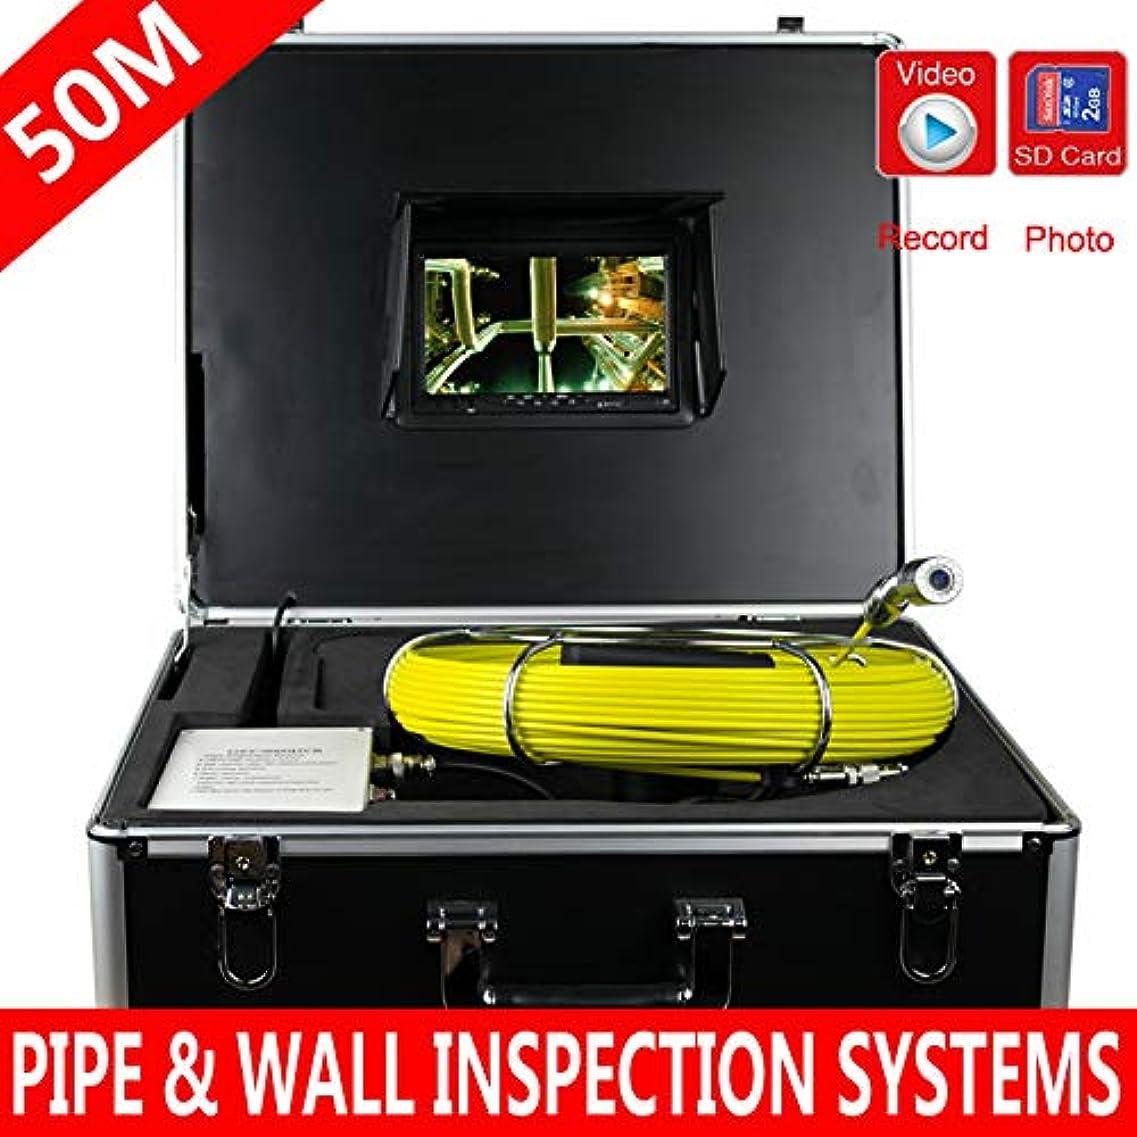 管の検査システム50Mの下水道の防水カメラの管のパイプラインの排水検査システム7